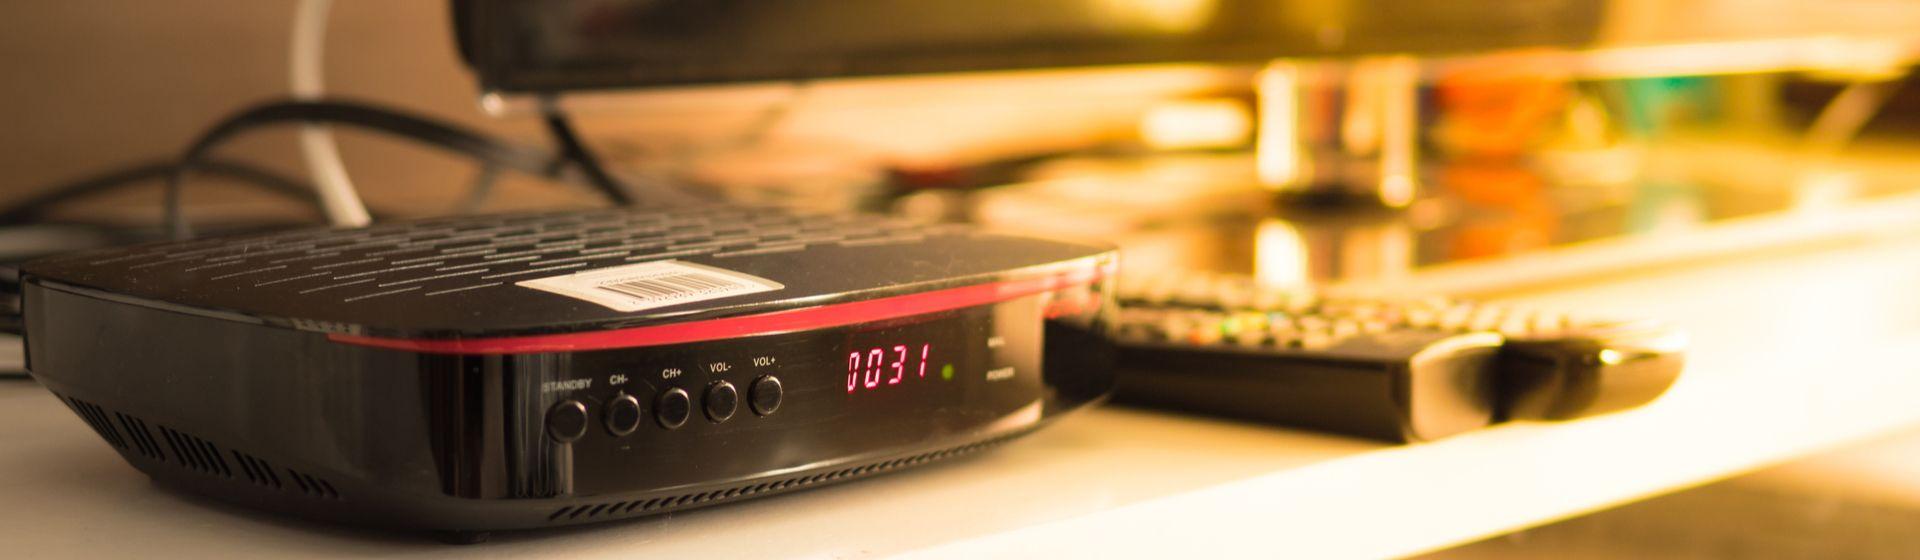 Aparelho HDTV: para que serve + 4 opções